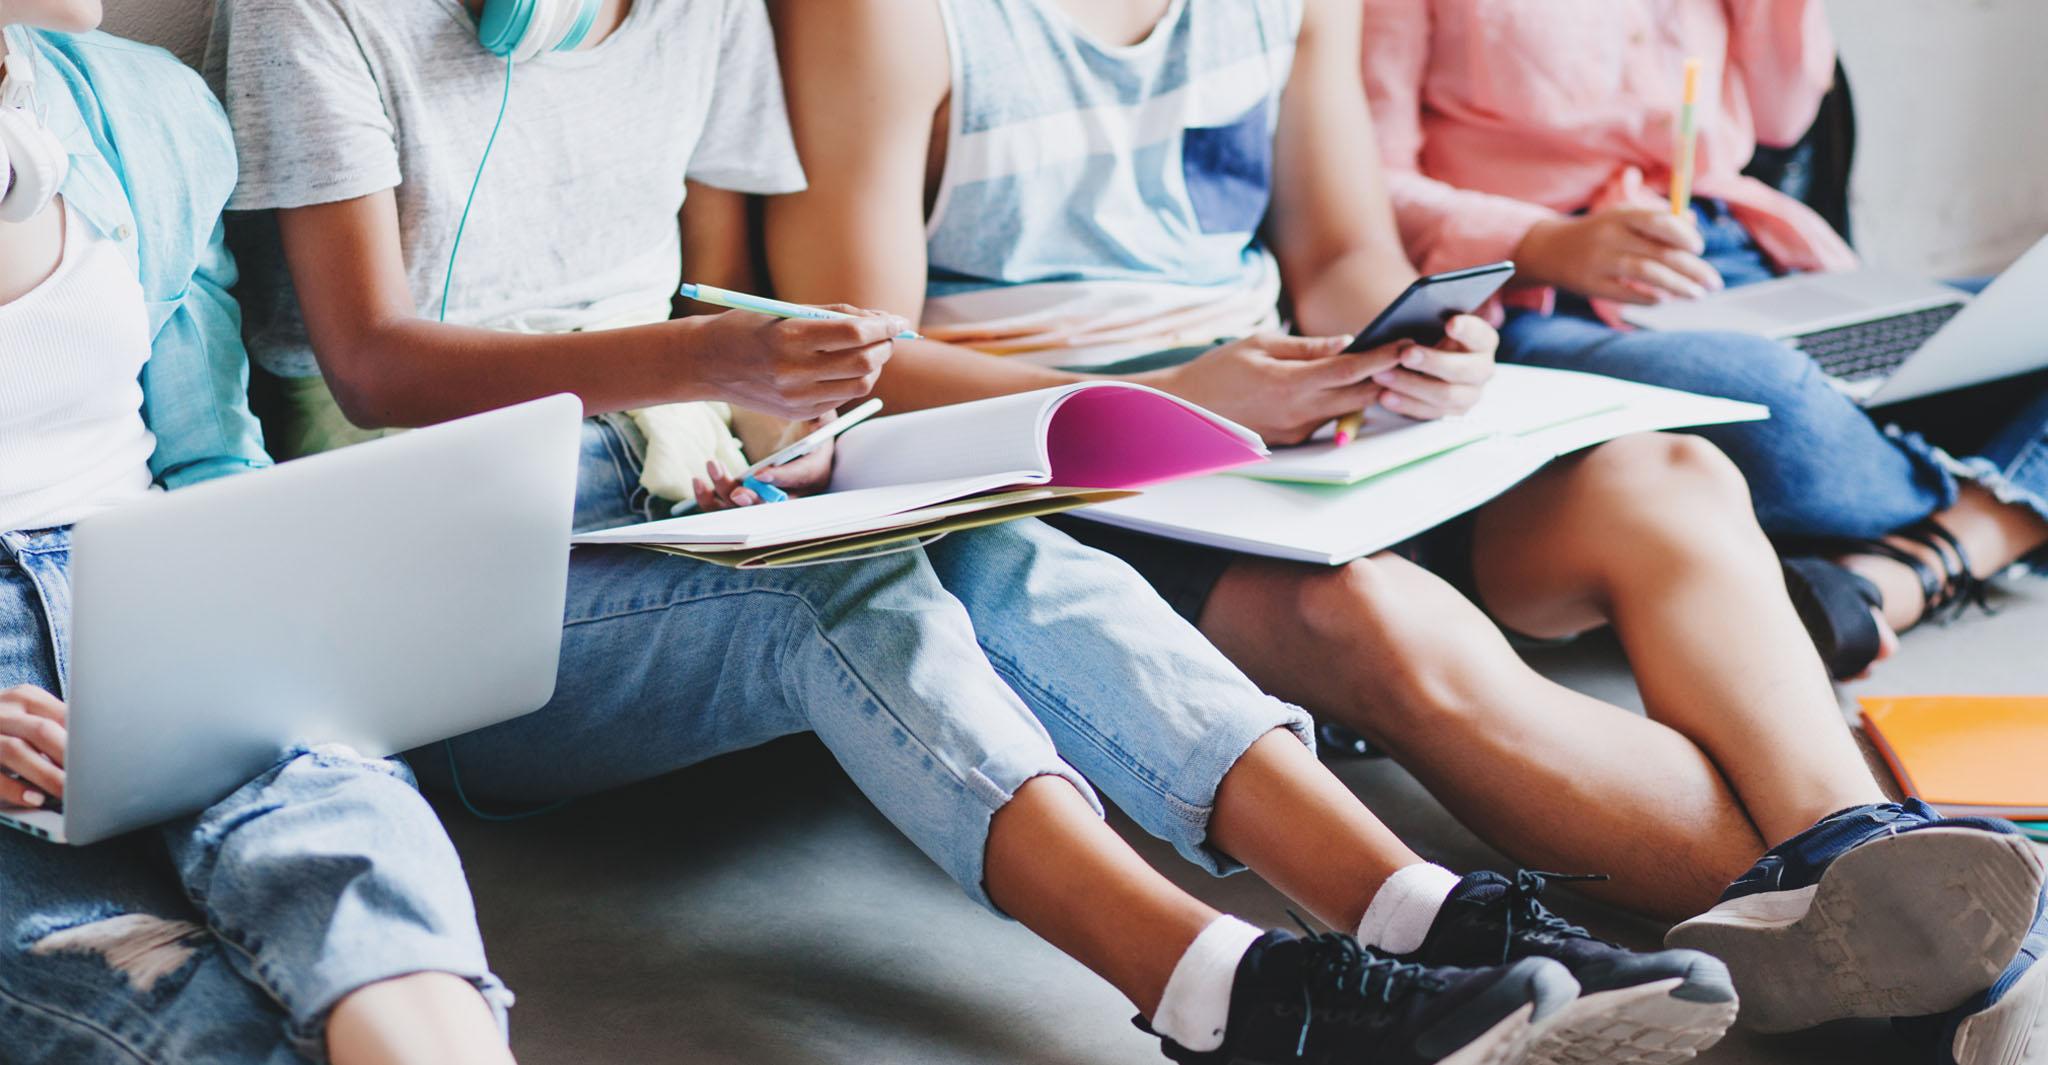 scuola-superiore-quale-scegliere-dopo-la-terza-media